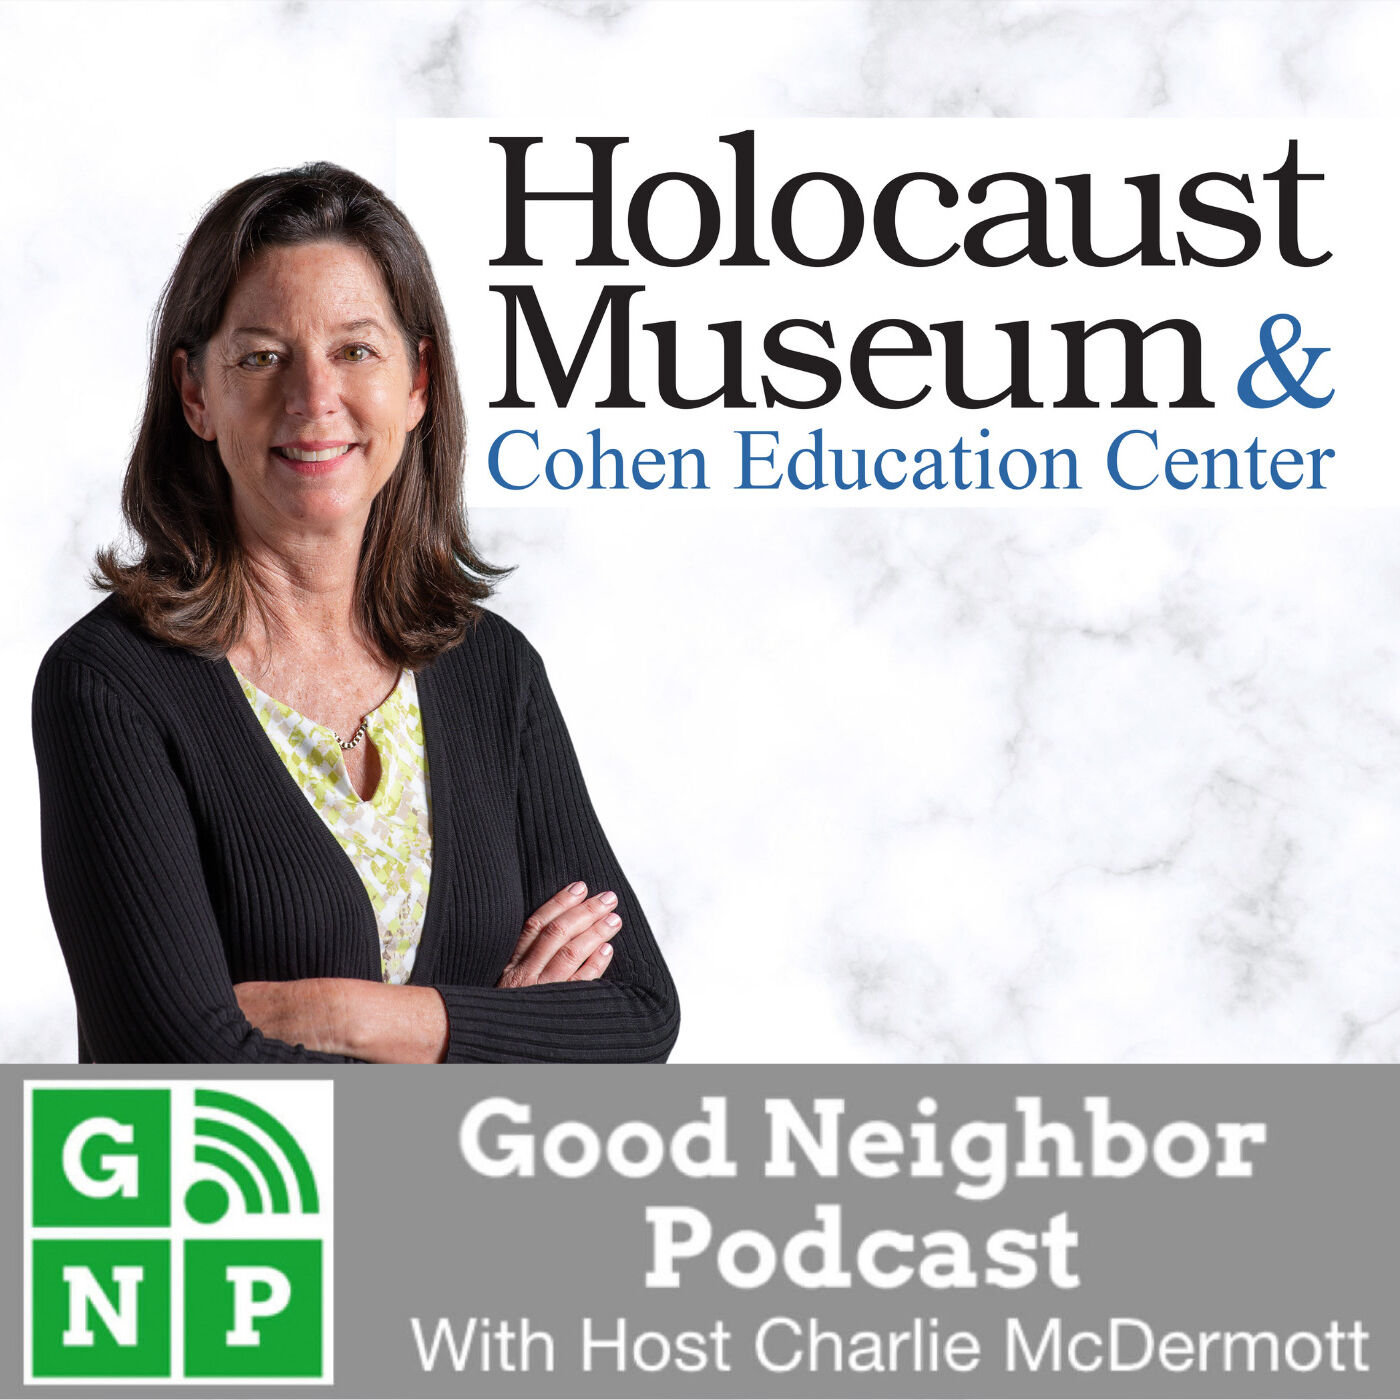 EP #541: Holocaust Museum & Cohen Education Center with Susan Suarez